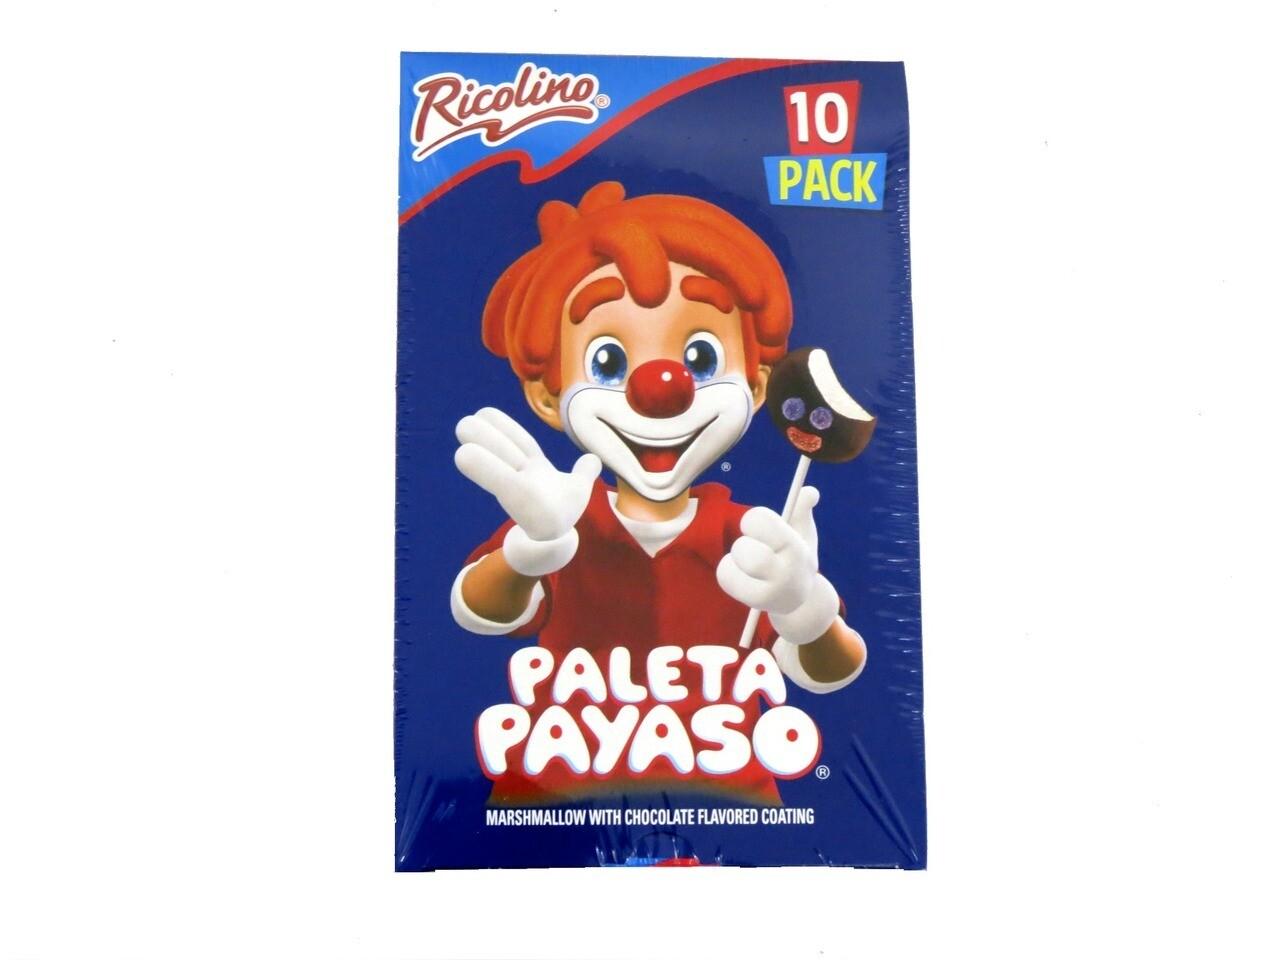 Paleta Payaso 10ct